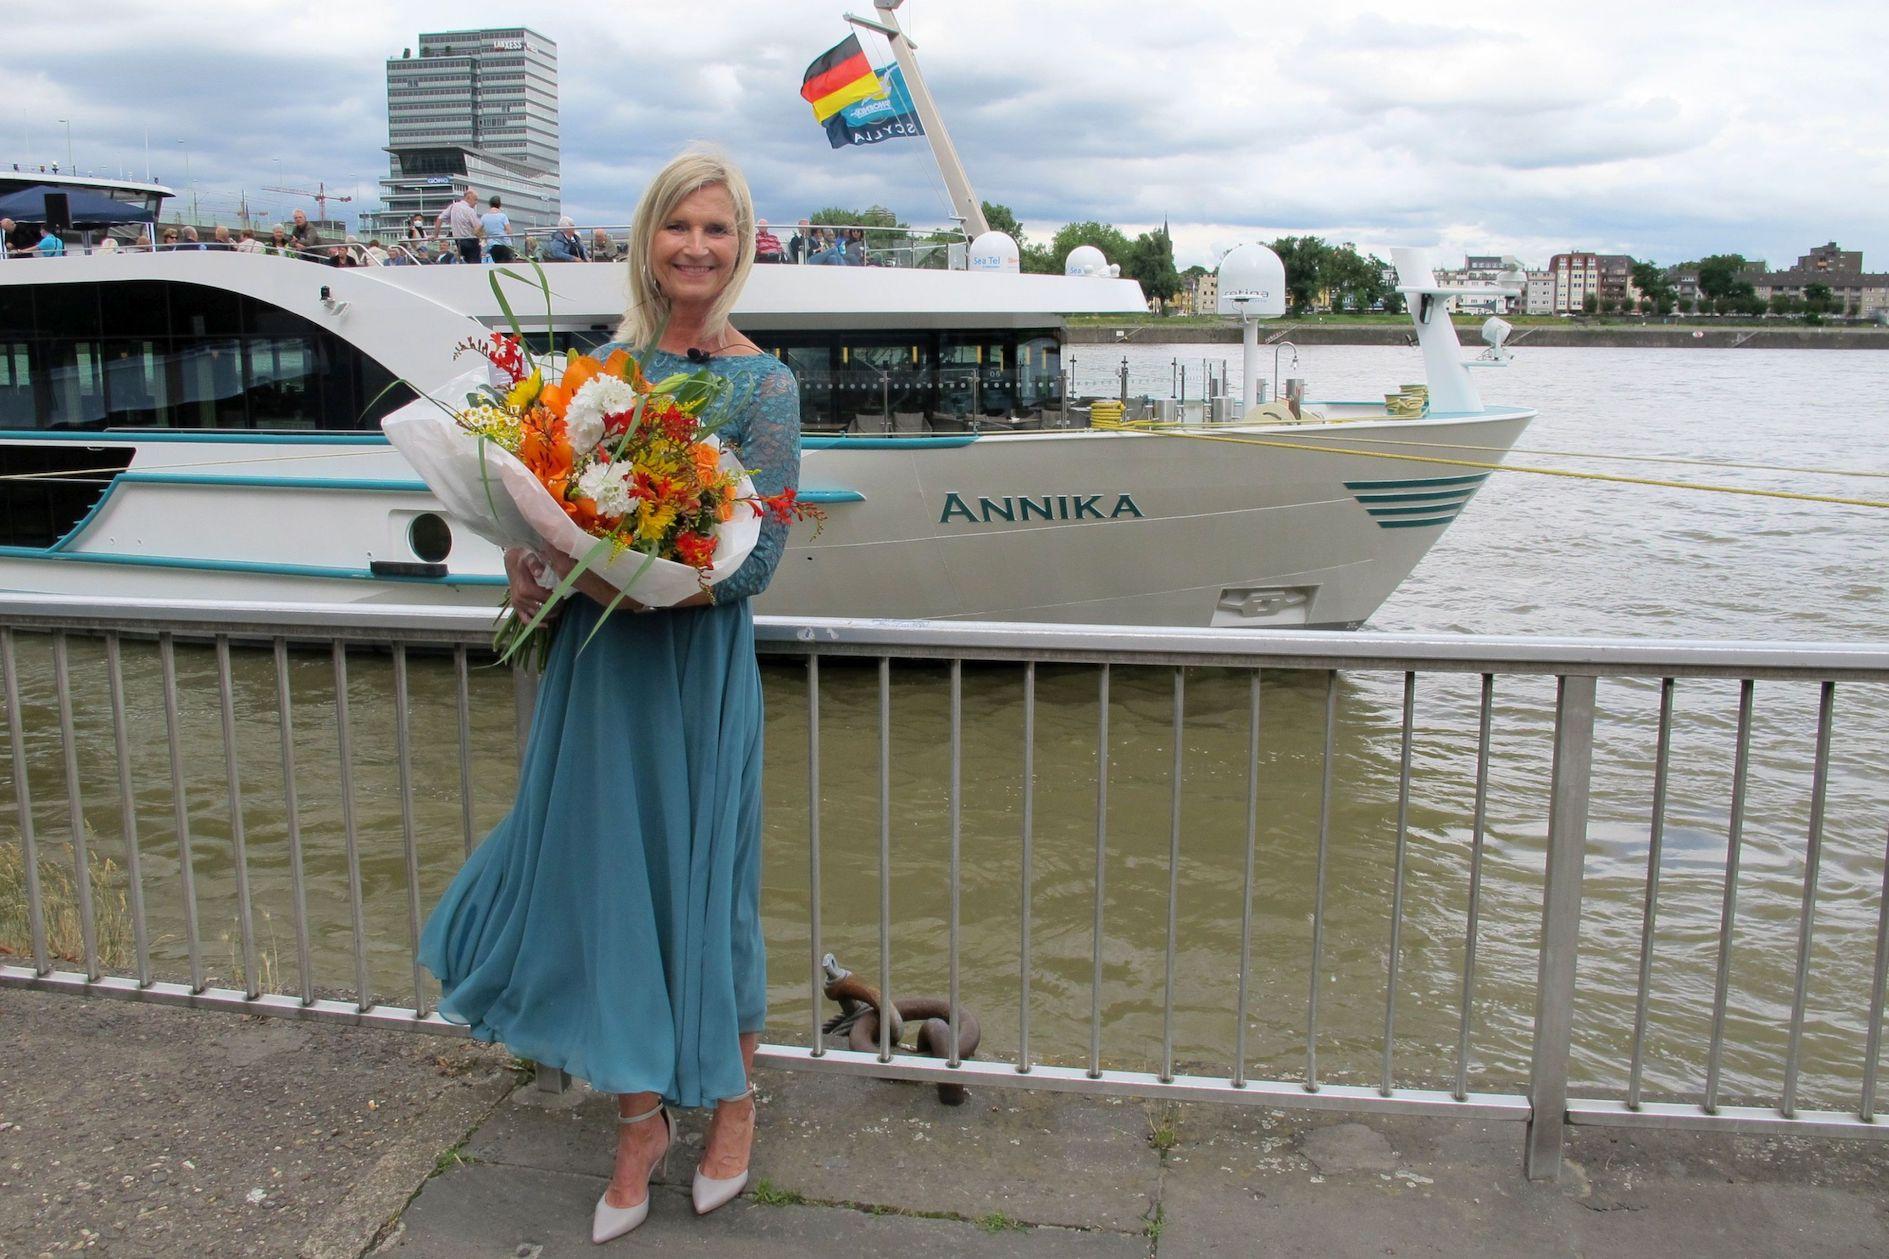 Phoenix Reisen tauft MS Annika und MS Annabelle